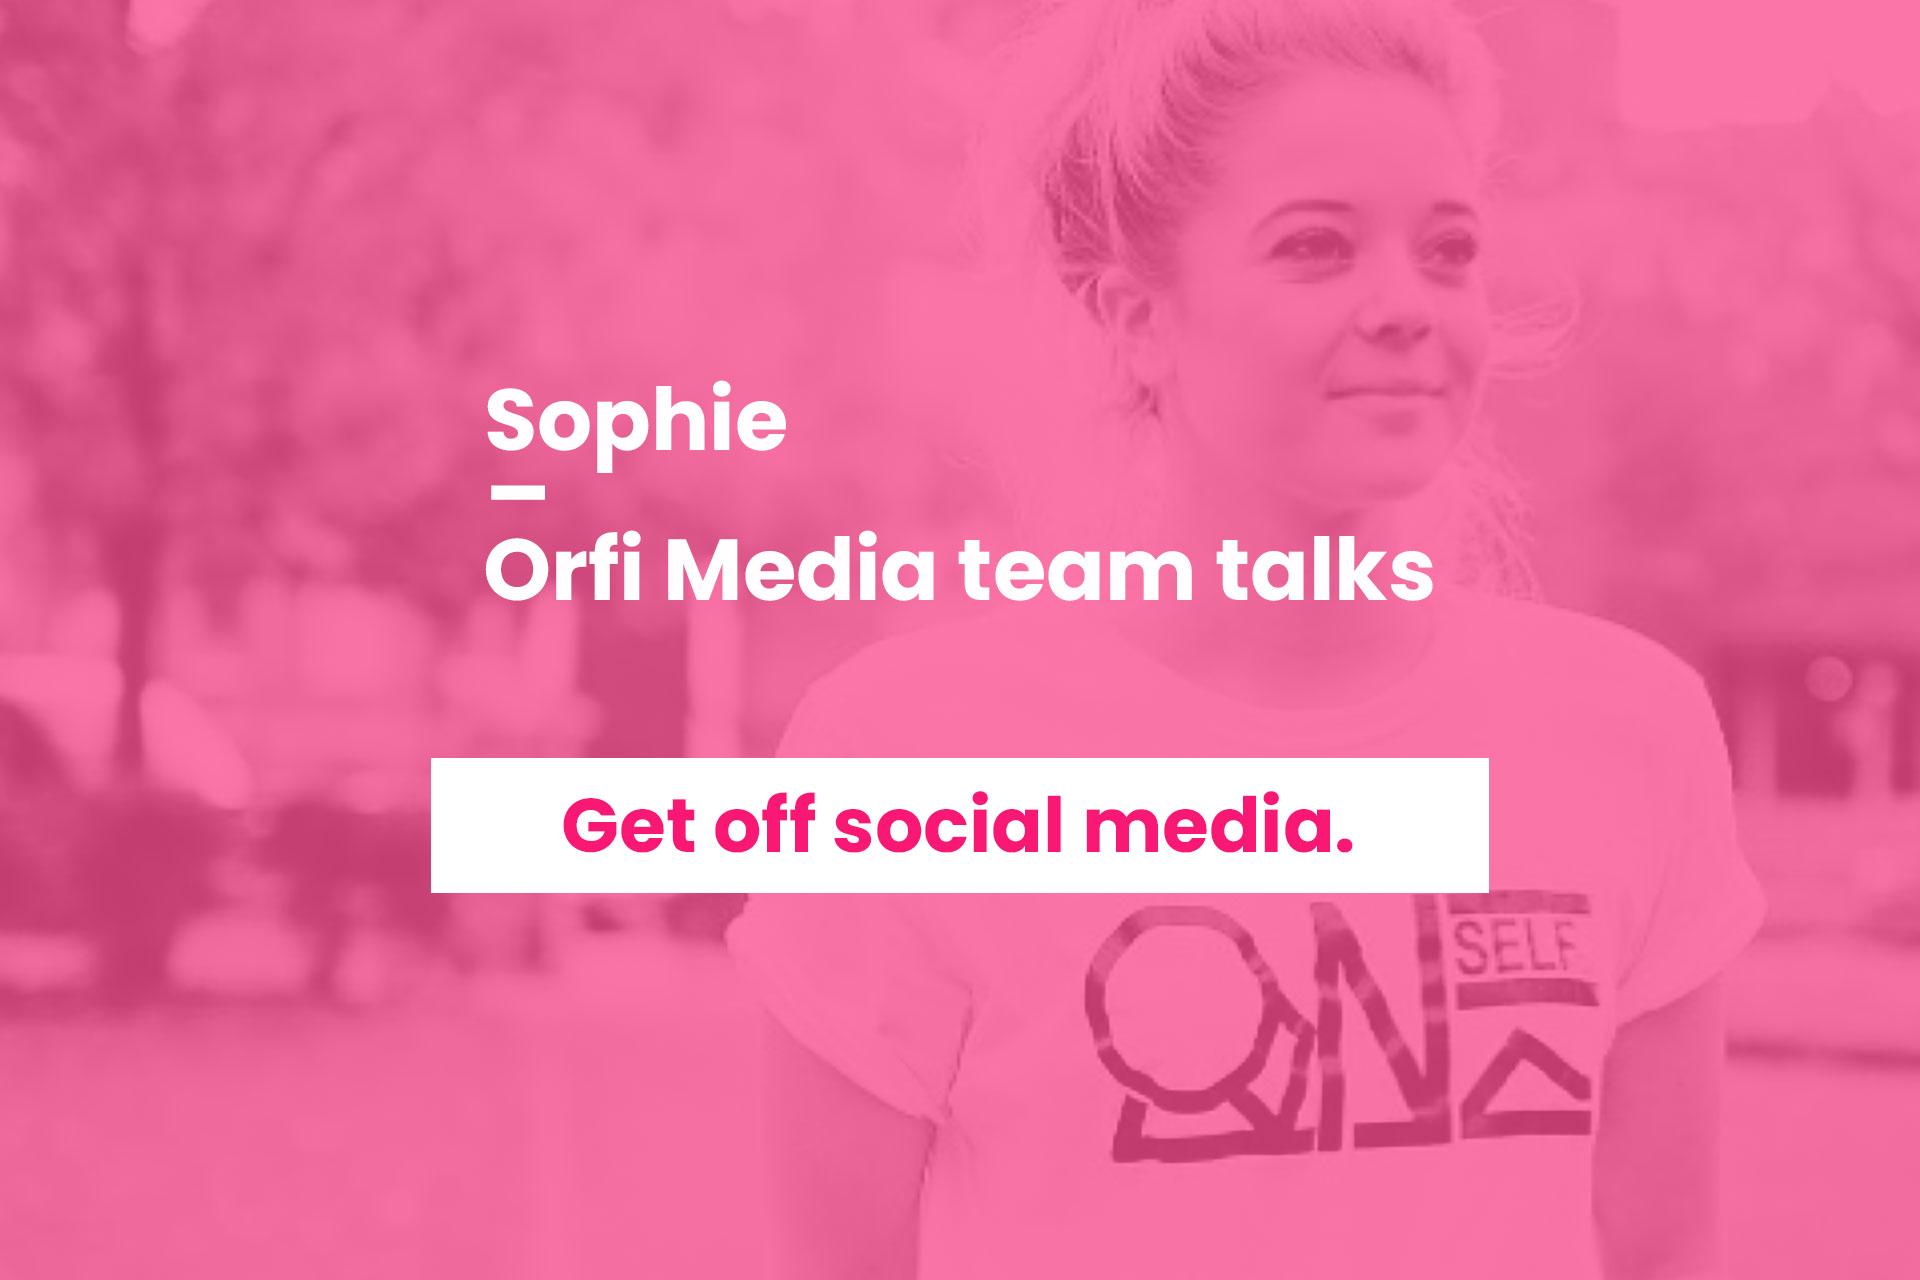 Orfi Media team talks Sophie Binder